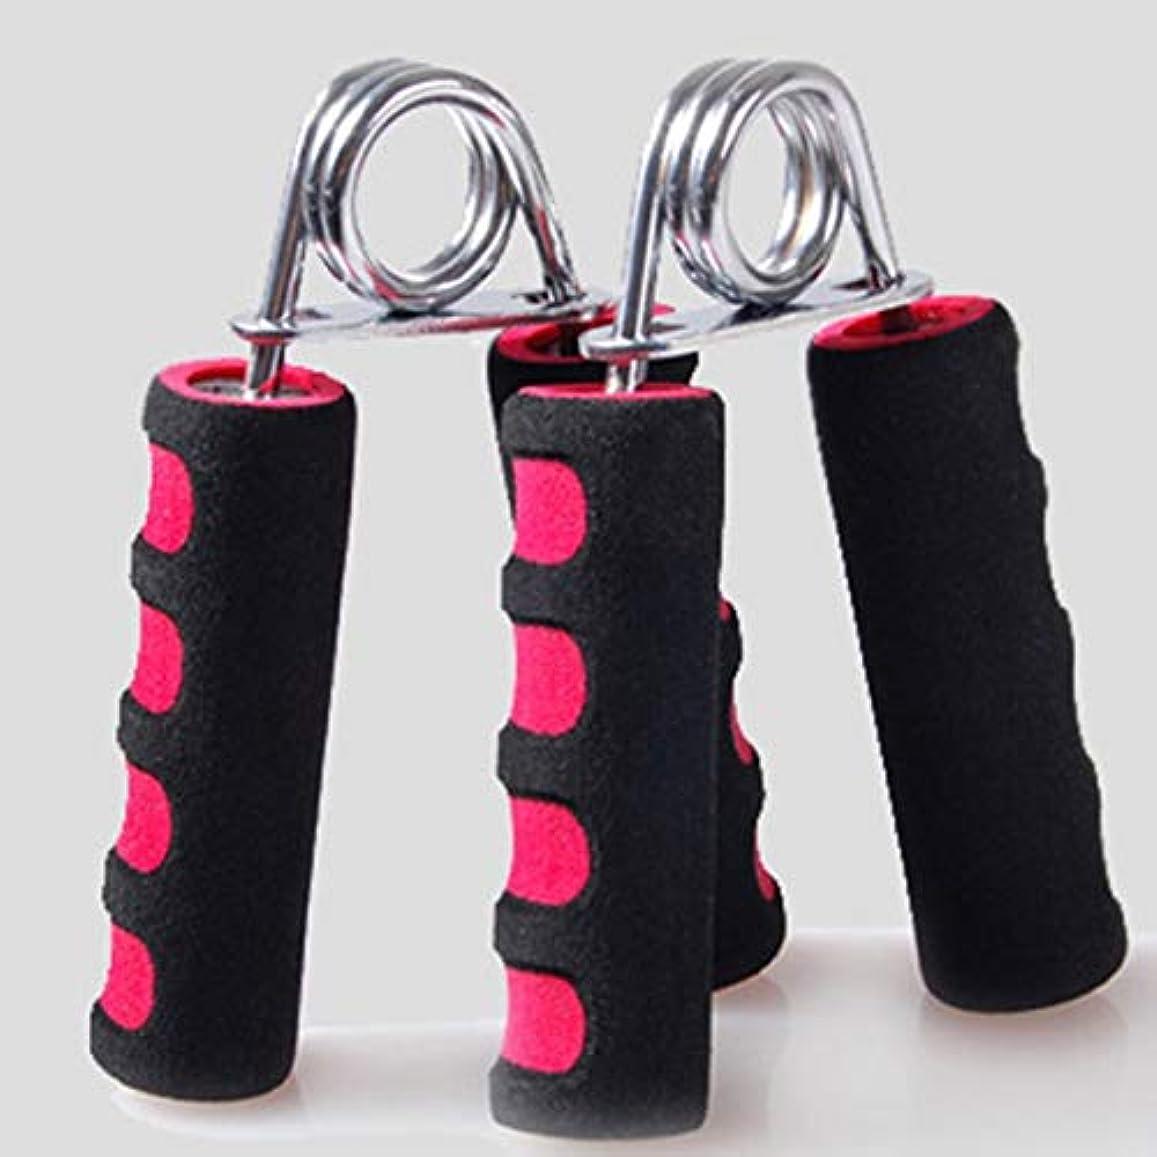 酸素アデレード悩み体操および毎日の練習のための手のグリッパーの腕の手首の運動者の適性のグリップの頑丈なトレーナー